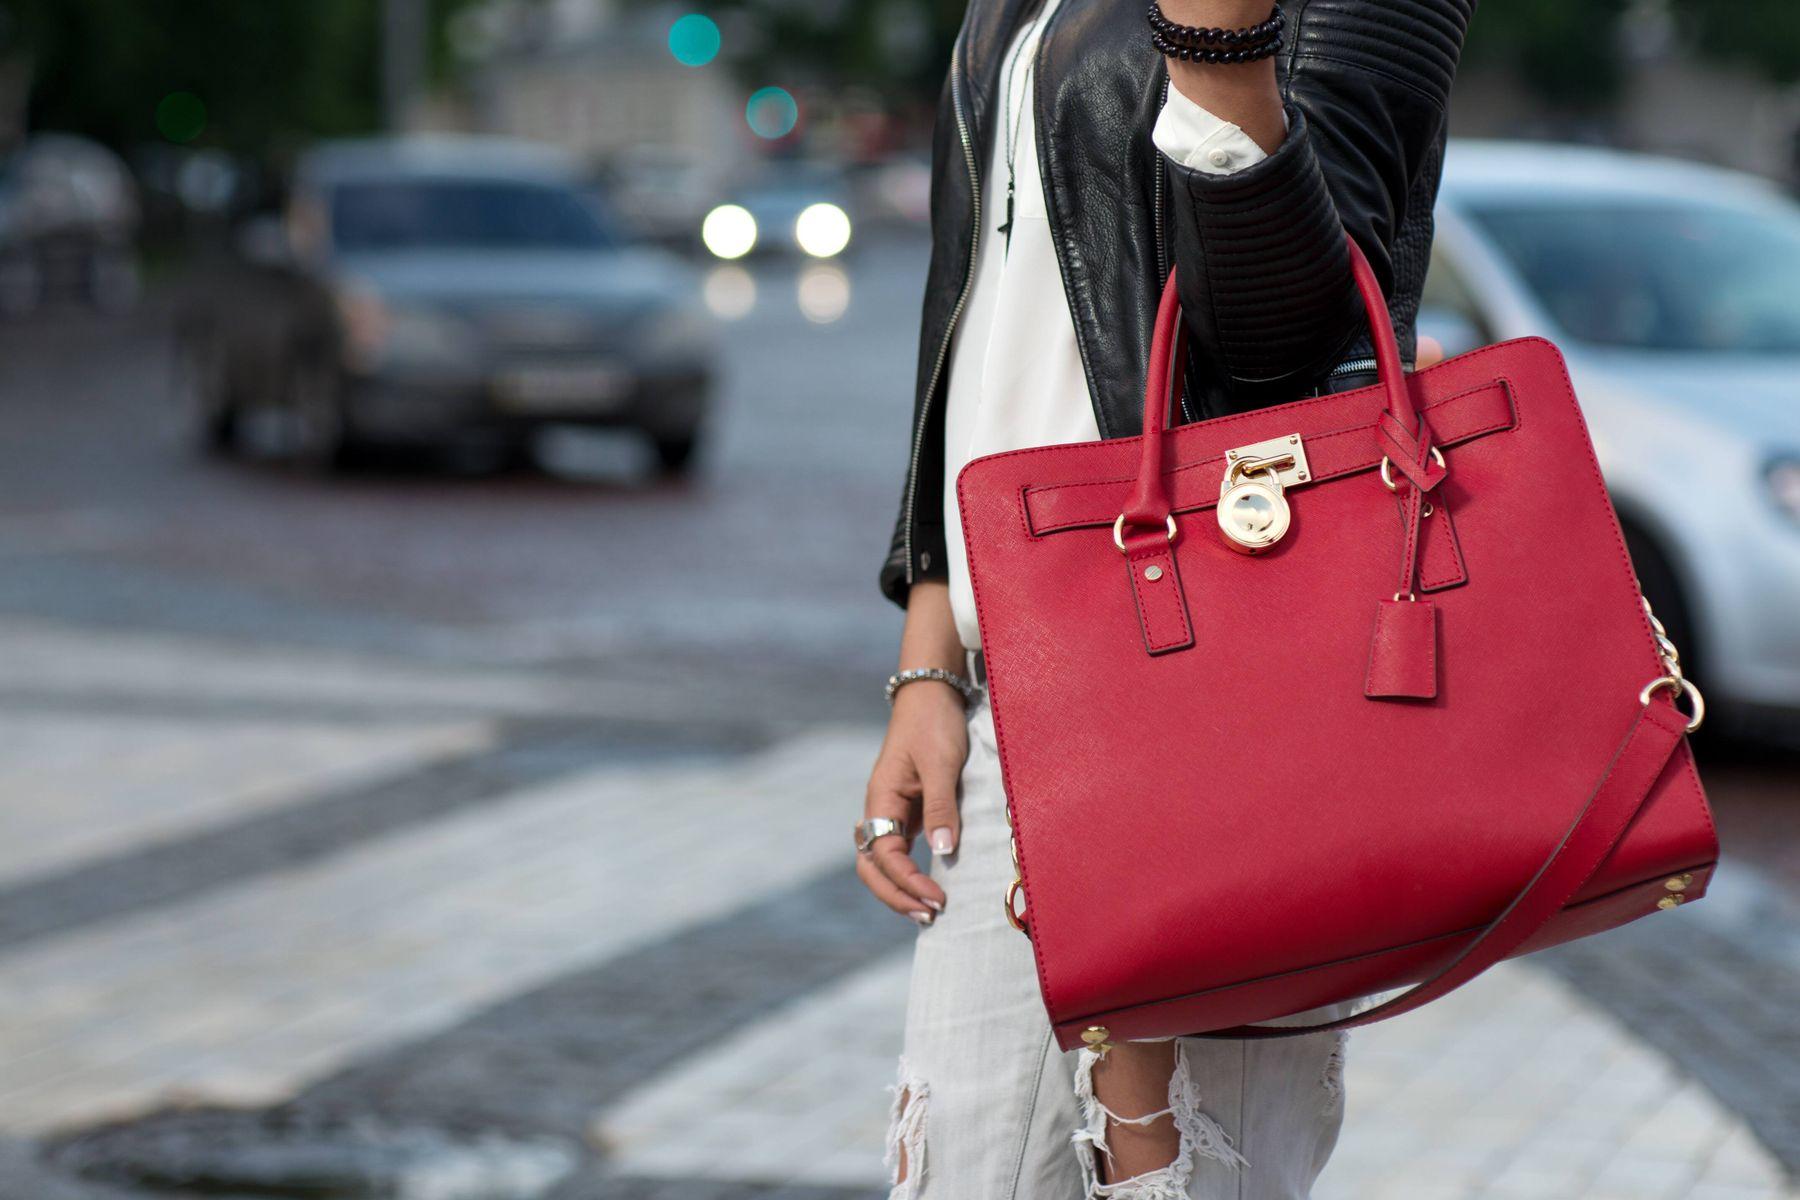 Mulher na rua com vestido branco e jaqueta de couro preta e bolsa vermelha de couro